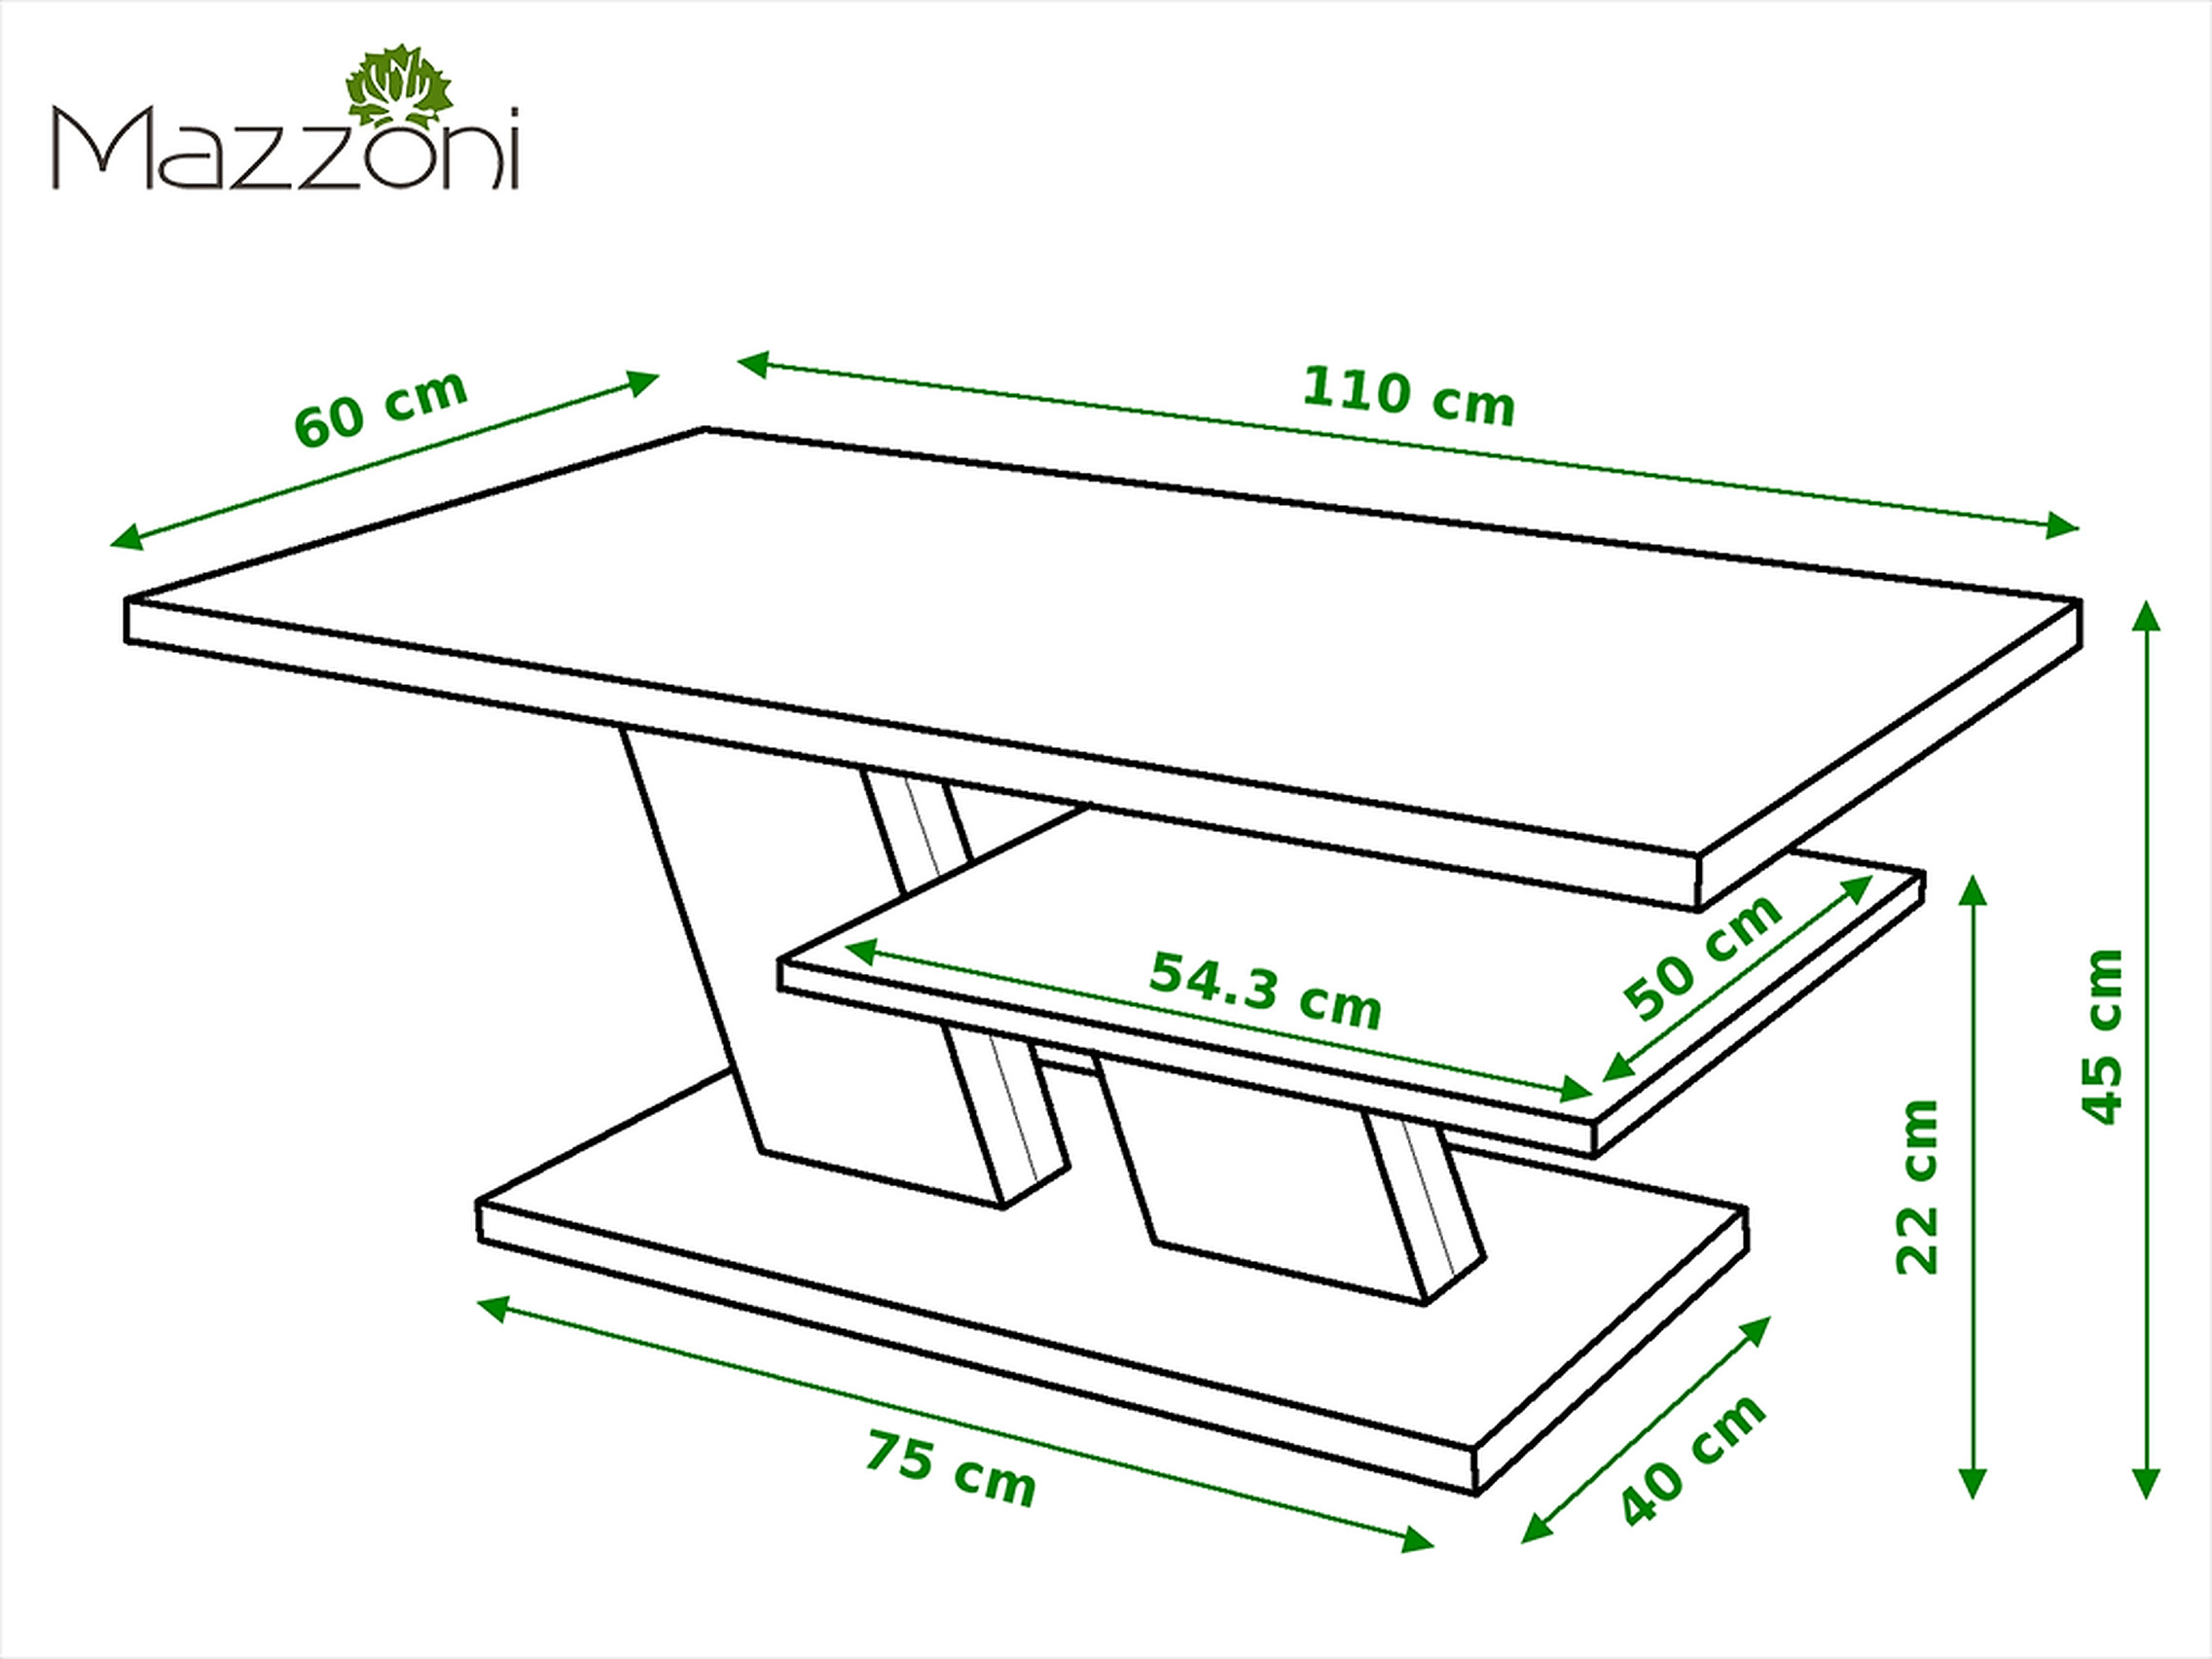 design couchtisch tisch cliff wei hochglanz schwarz matt wohnzimmertisch 110x60x45cm mit